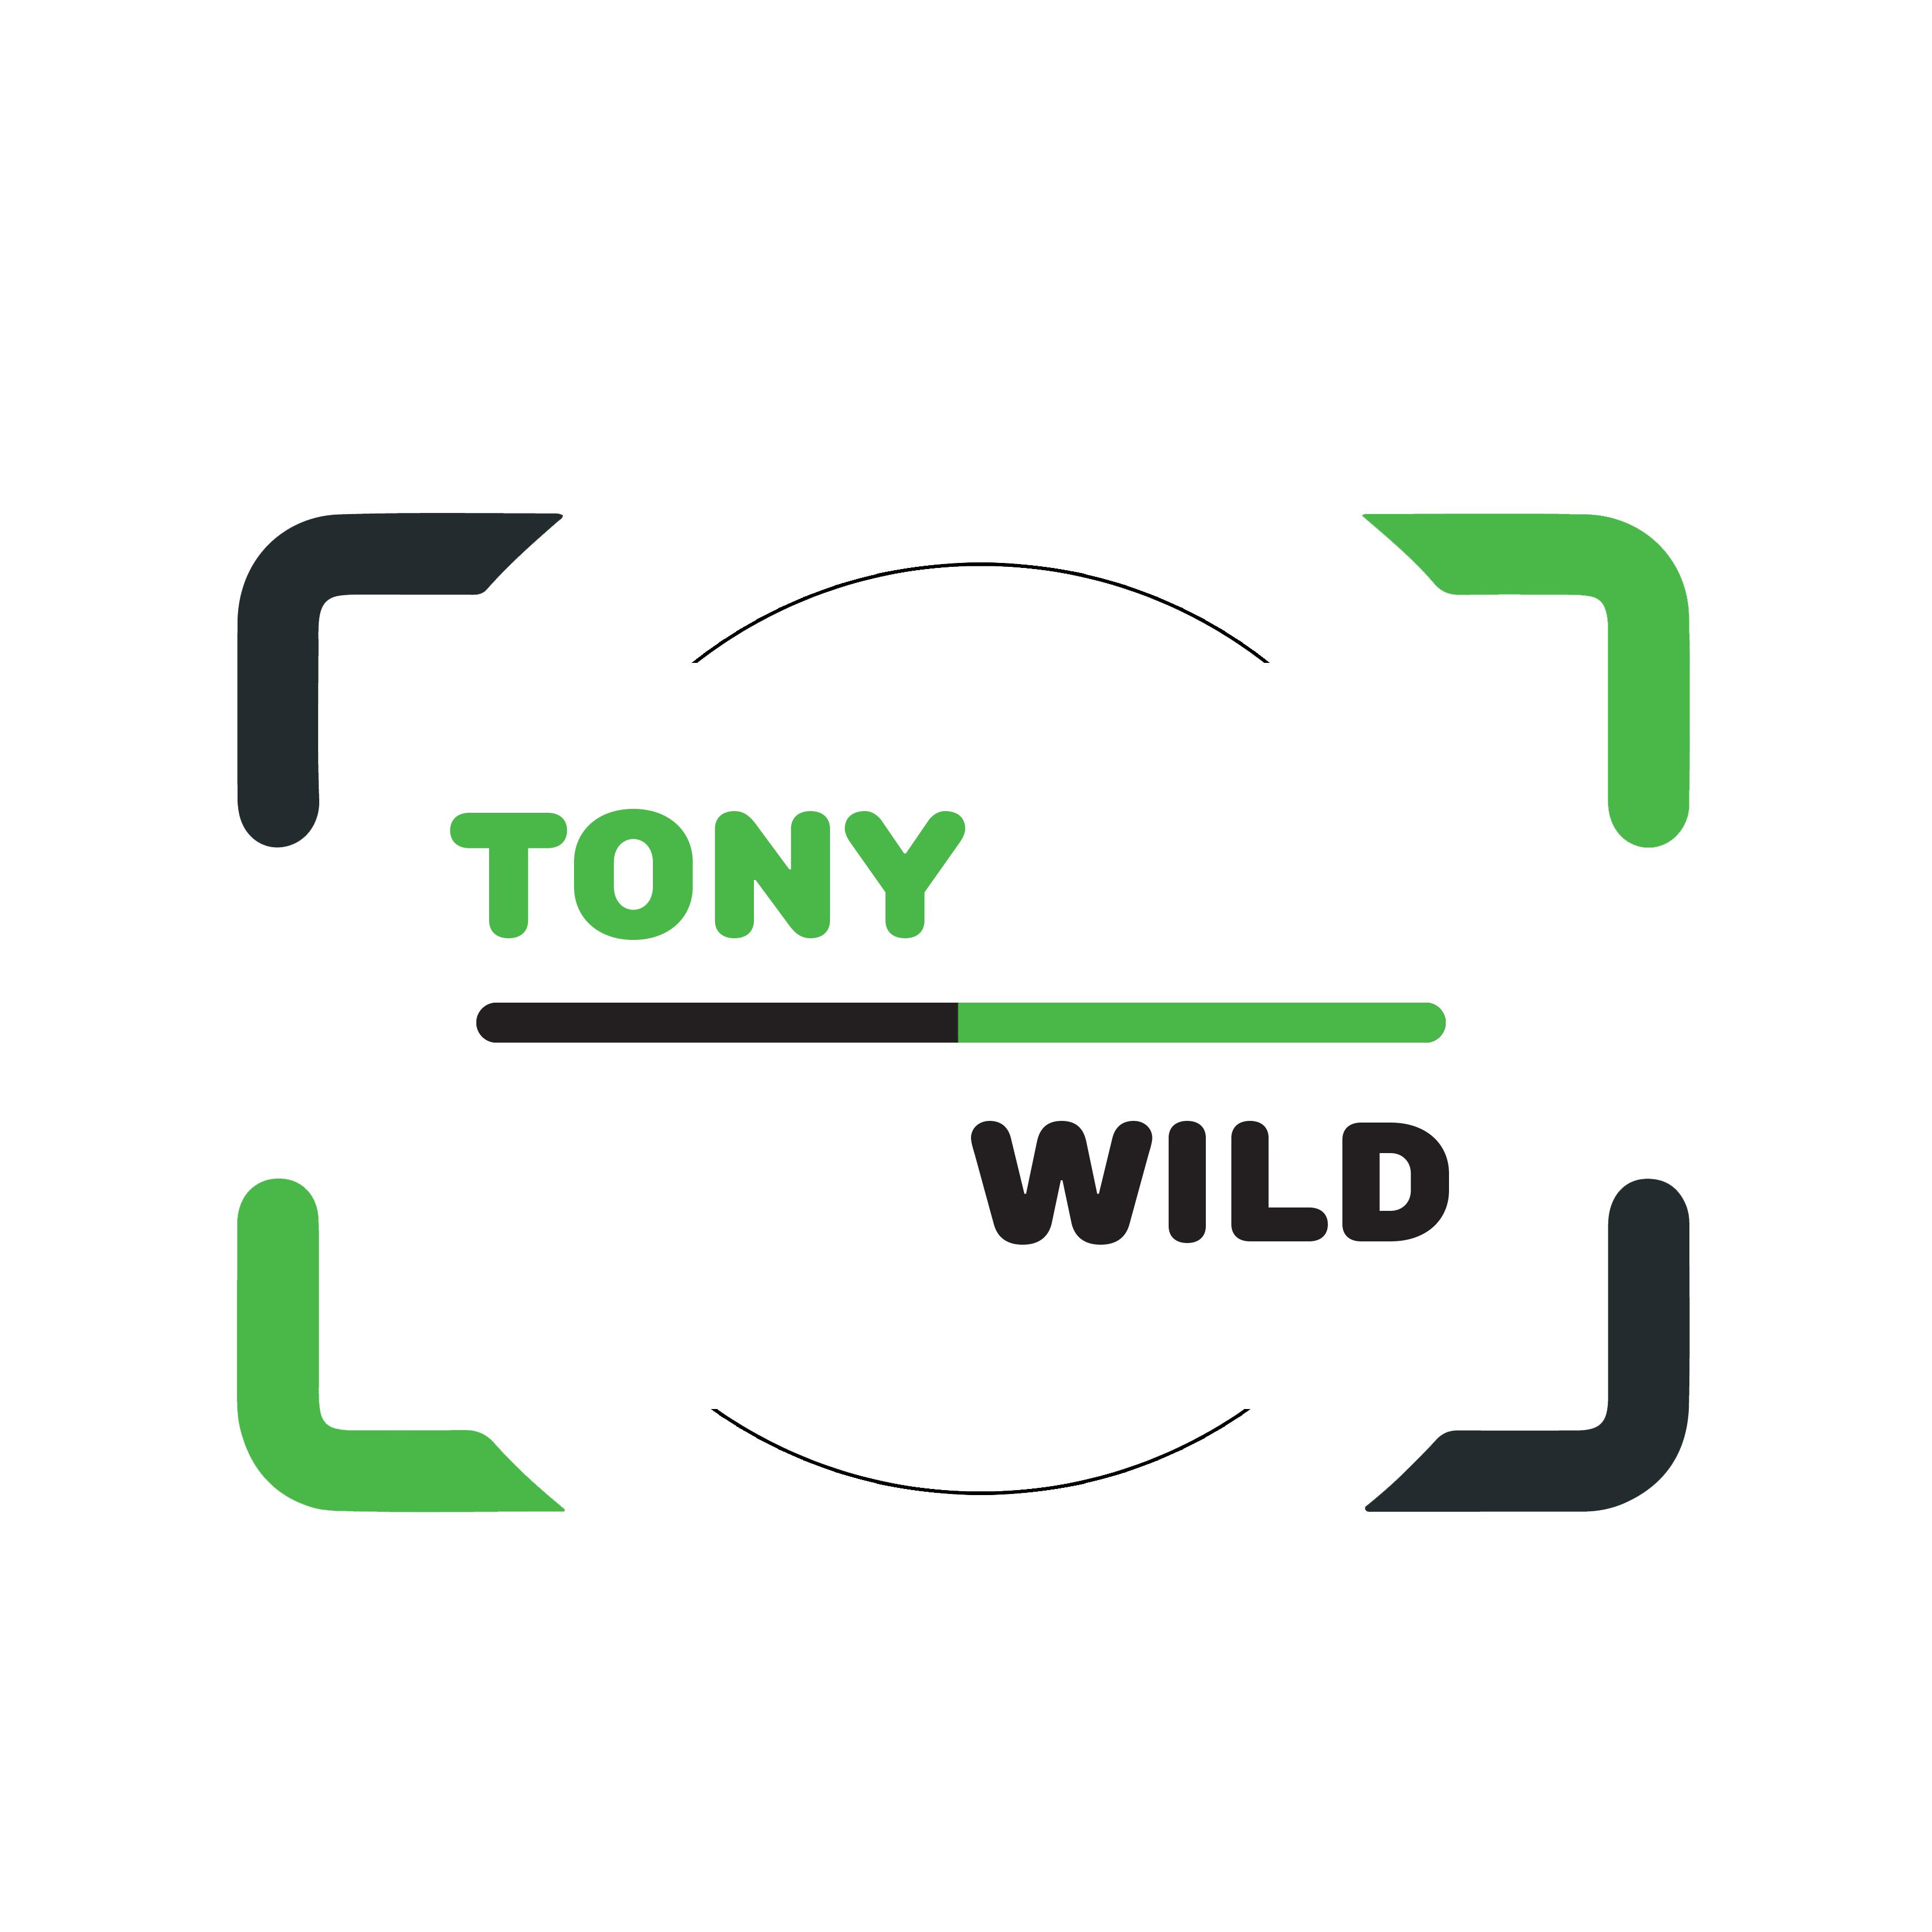 Tony Wild